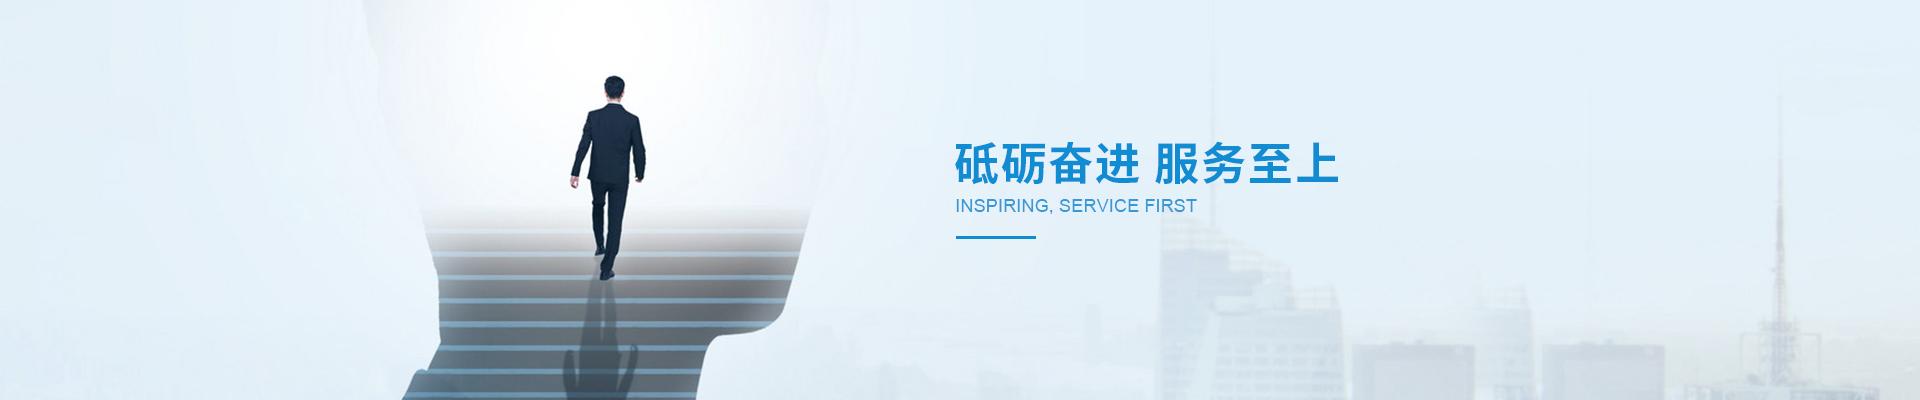 金昌盆栽鸡项目「杨羊养殖专业合作社供应」